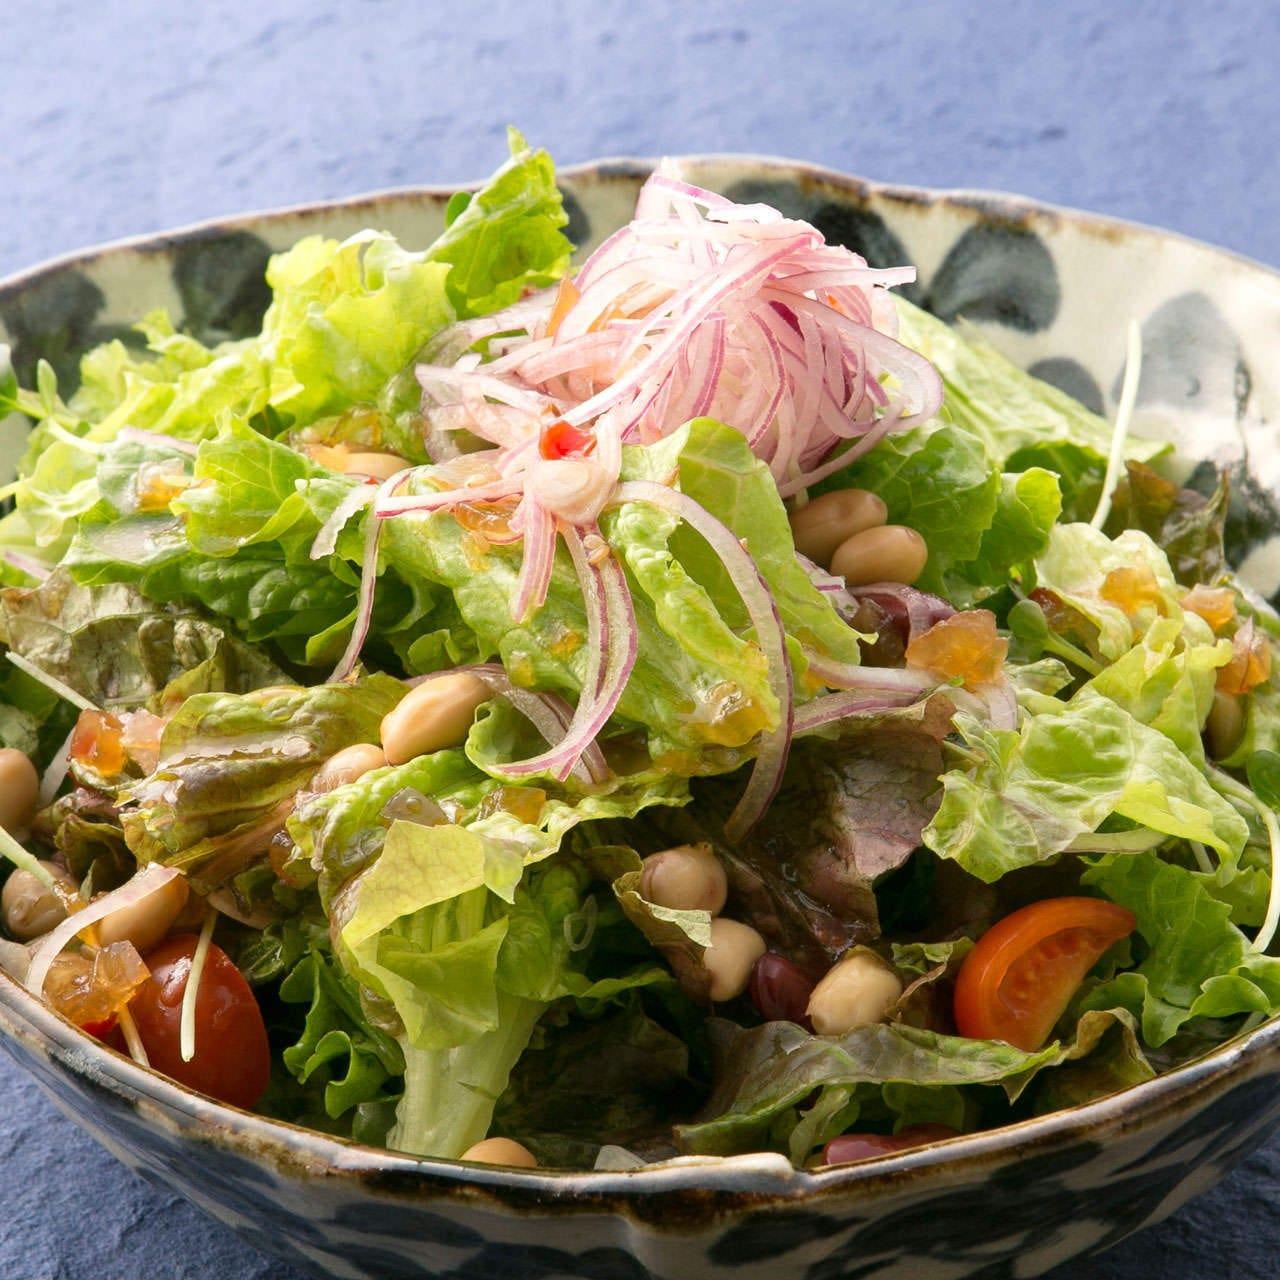 宴会に欠かせないサラダも豊富にご用意。旬のお野菜を活かして